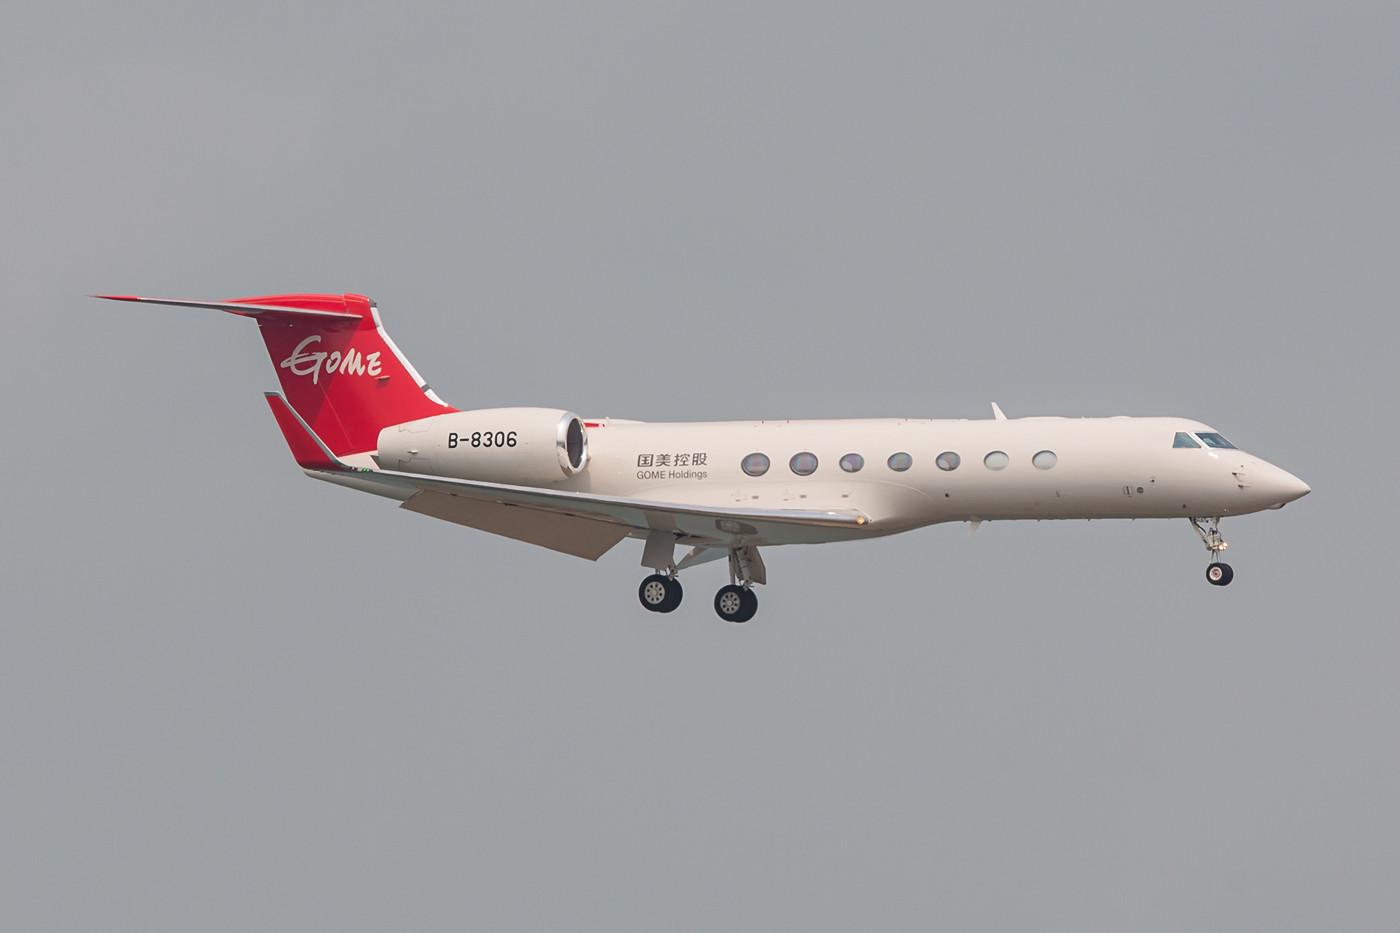 Gulfstream 550 der Gome Group.